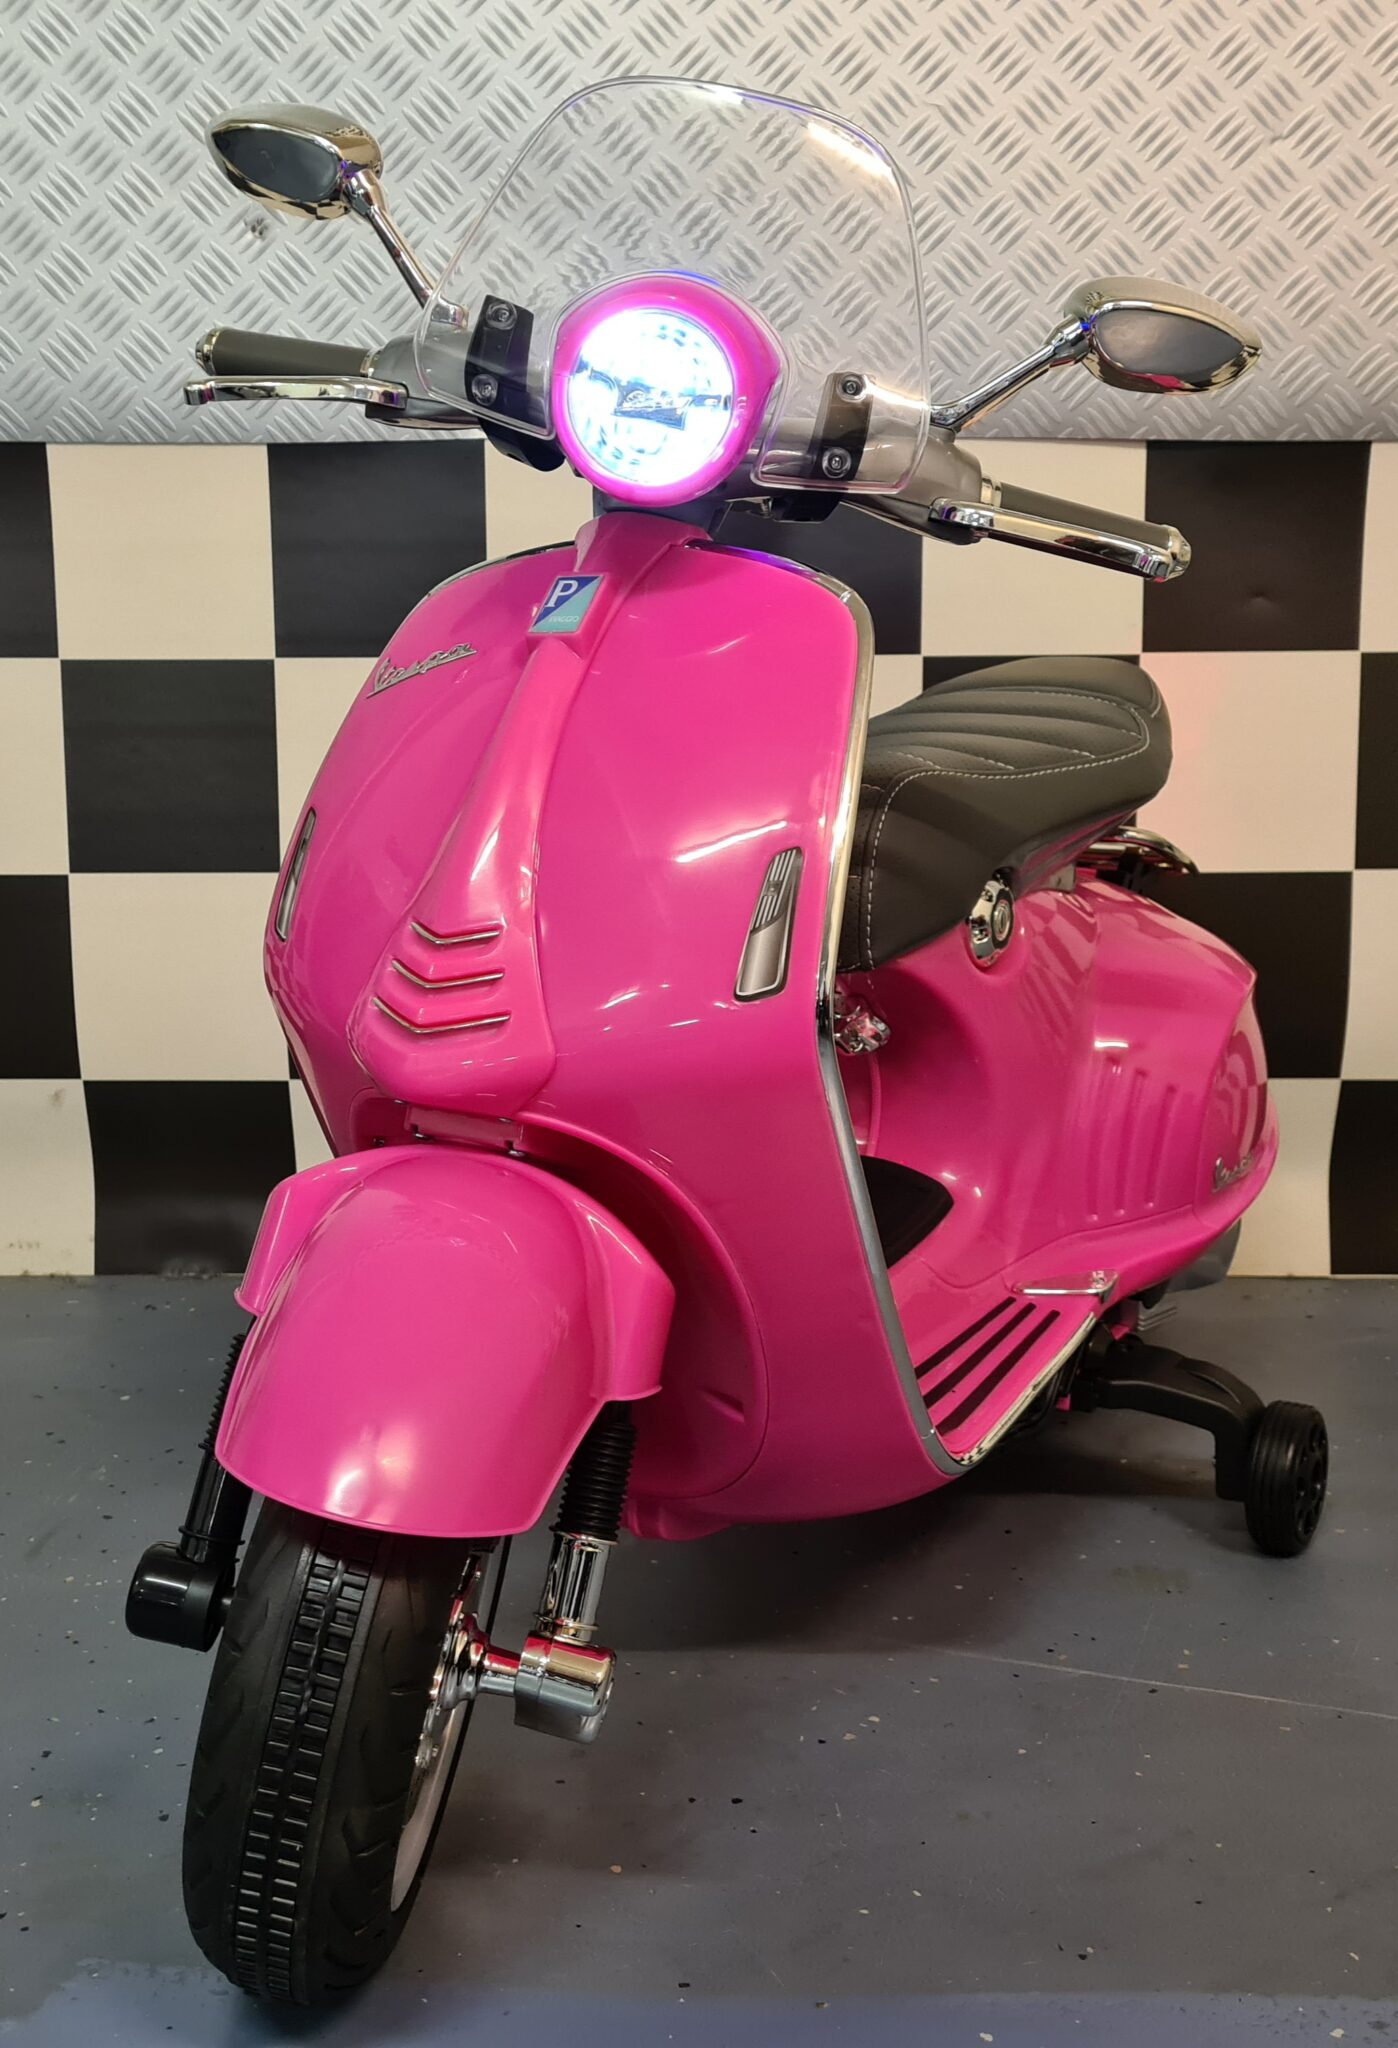 Vespa kinder accu scooter Vespa 946 12 volt roze